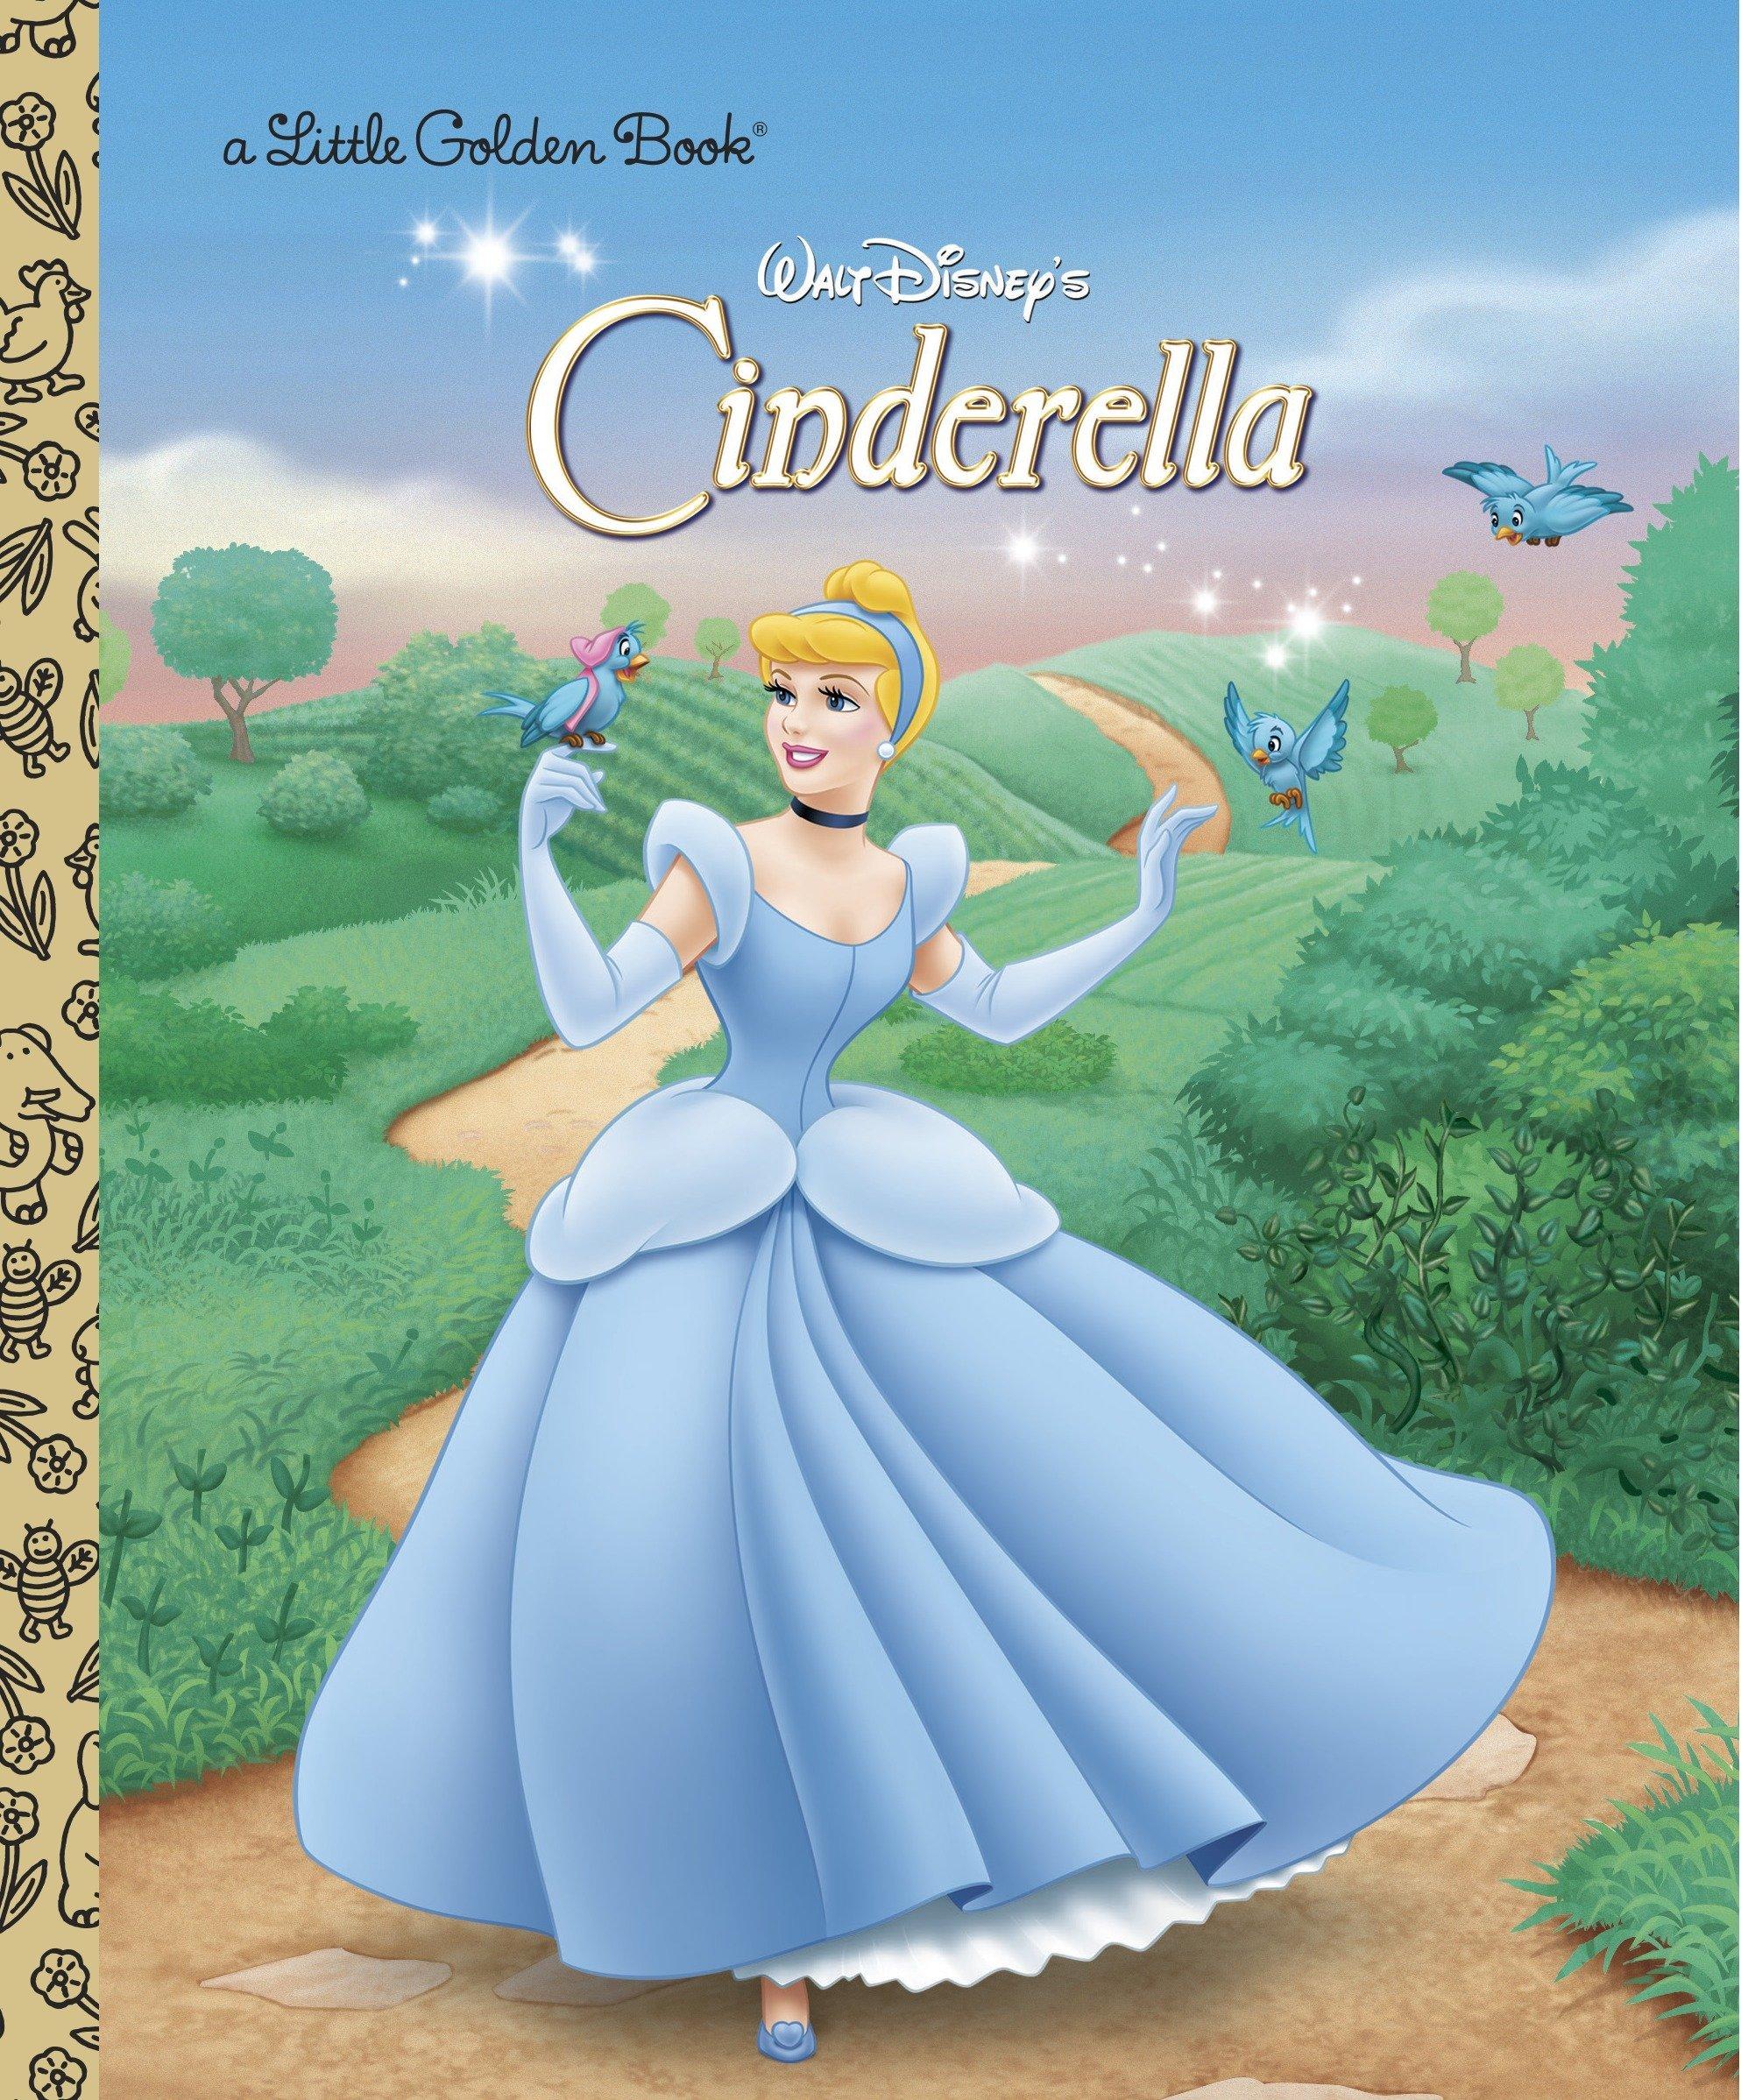 Who wrote Cinderella